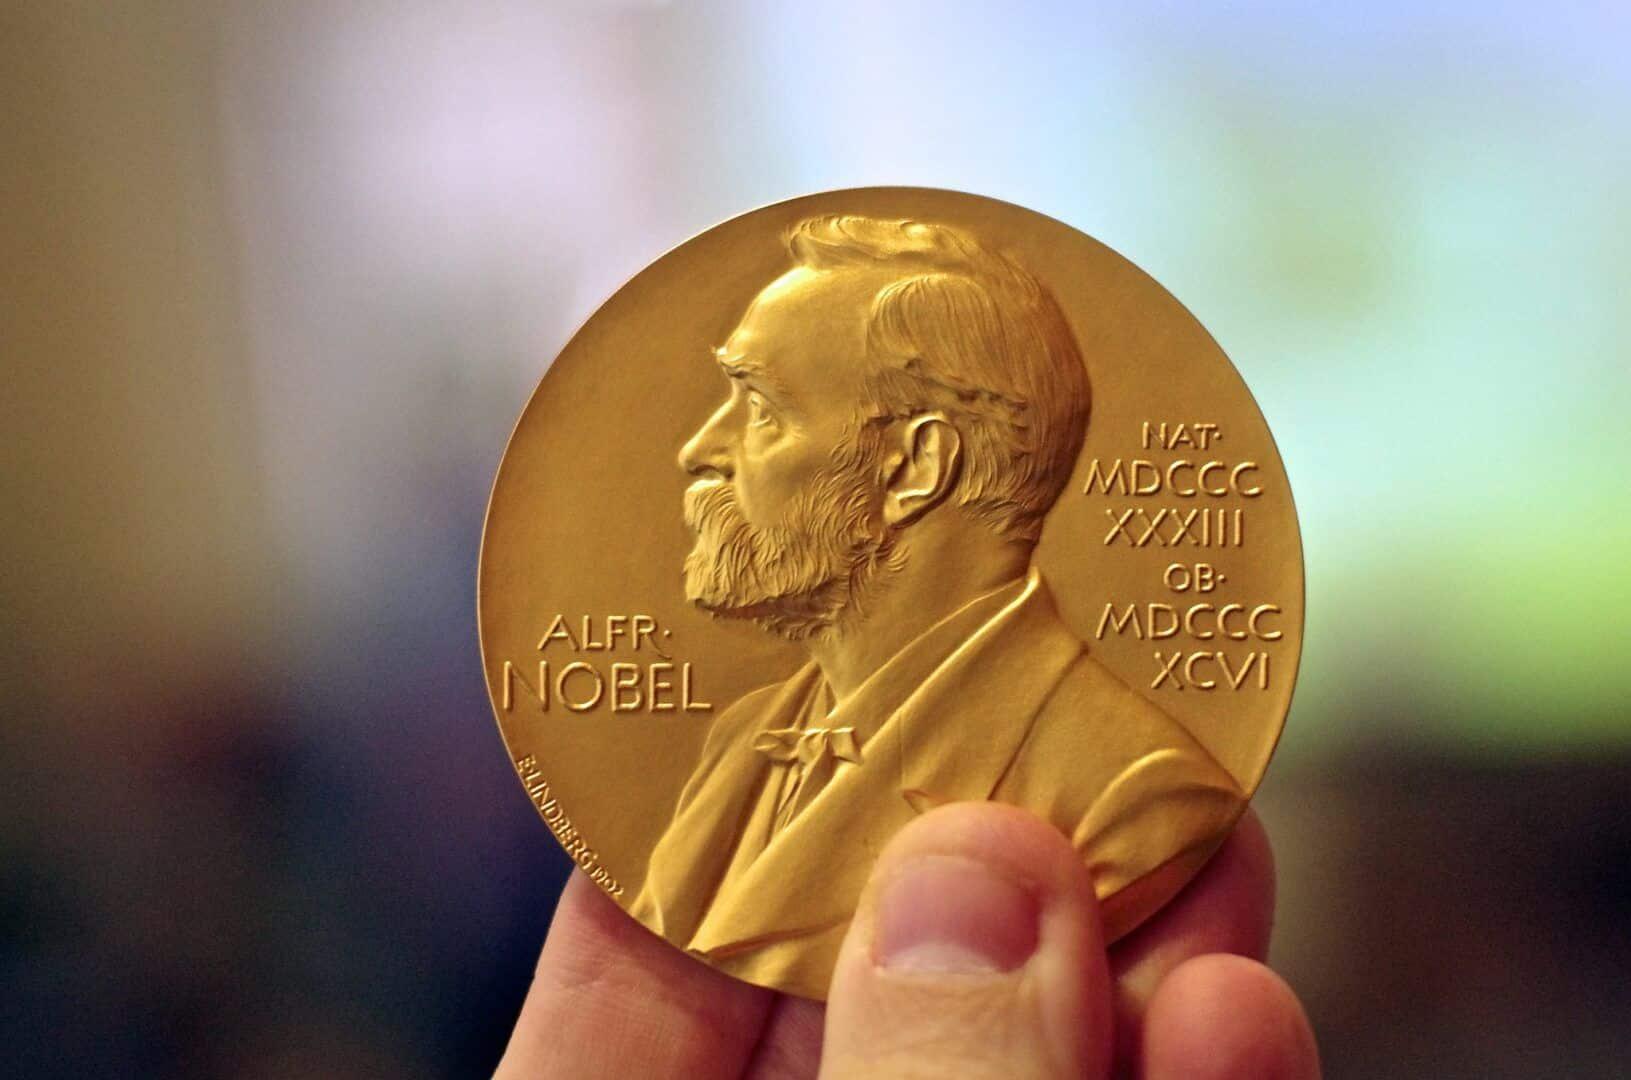 Prêmio Nobel, o que é? Origem, categorias e principais ganhadores